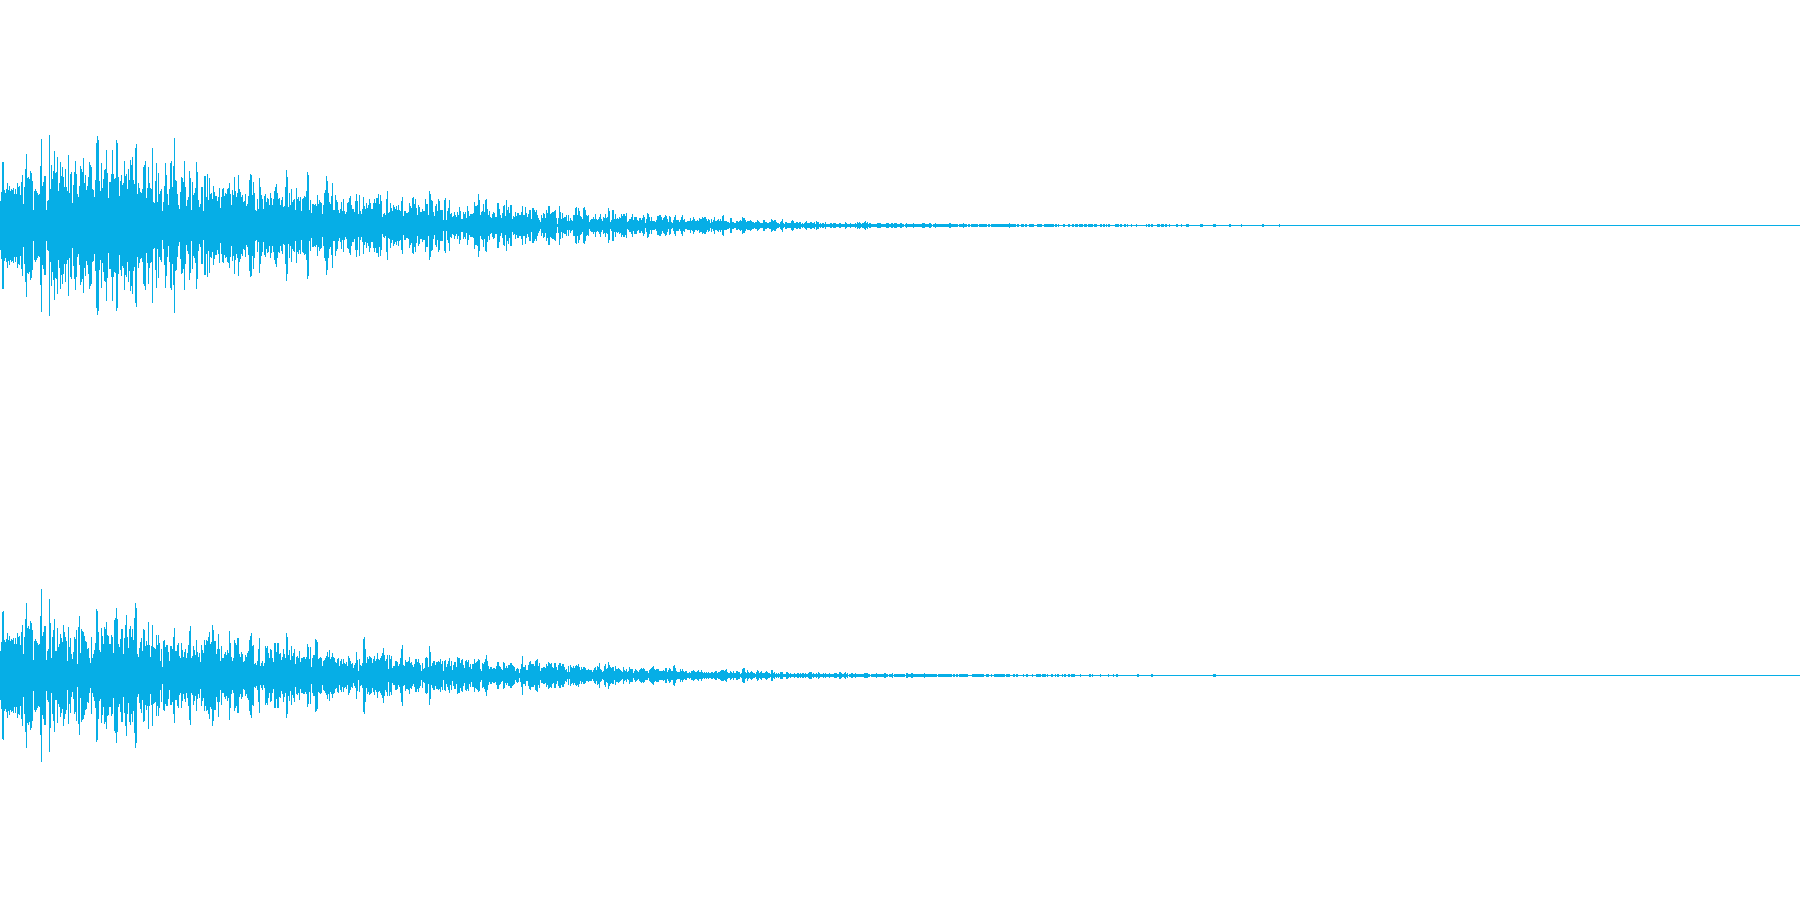 爆発、衝撃などの音になりますの再生済みの波形